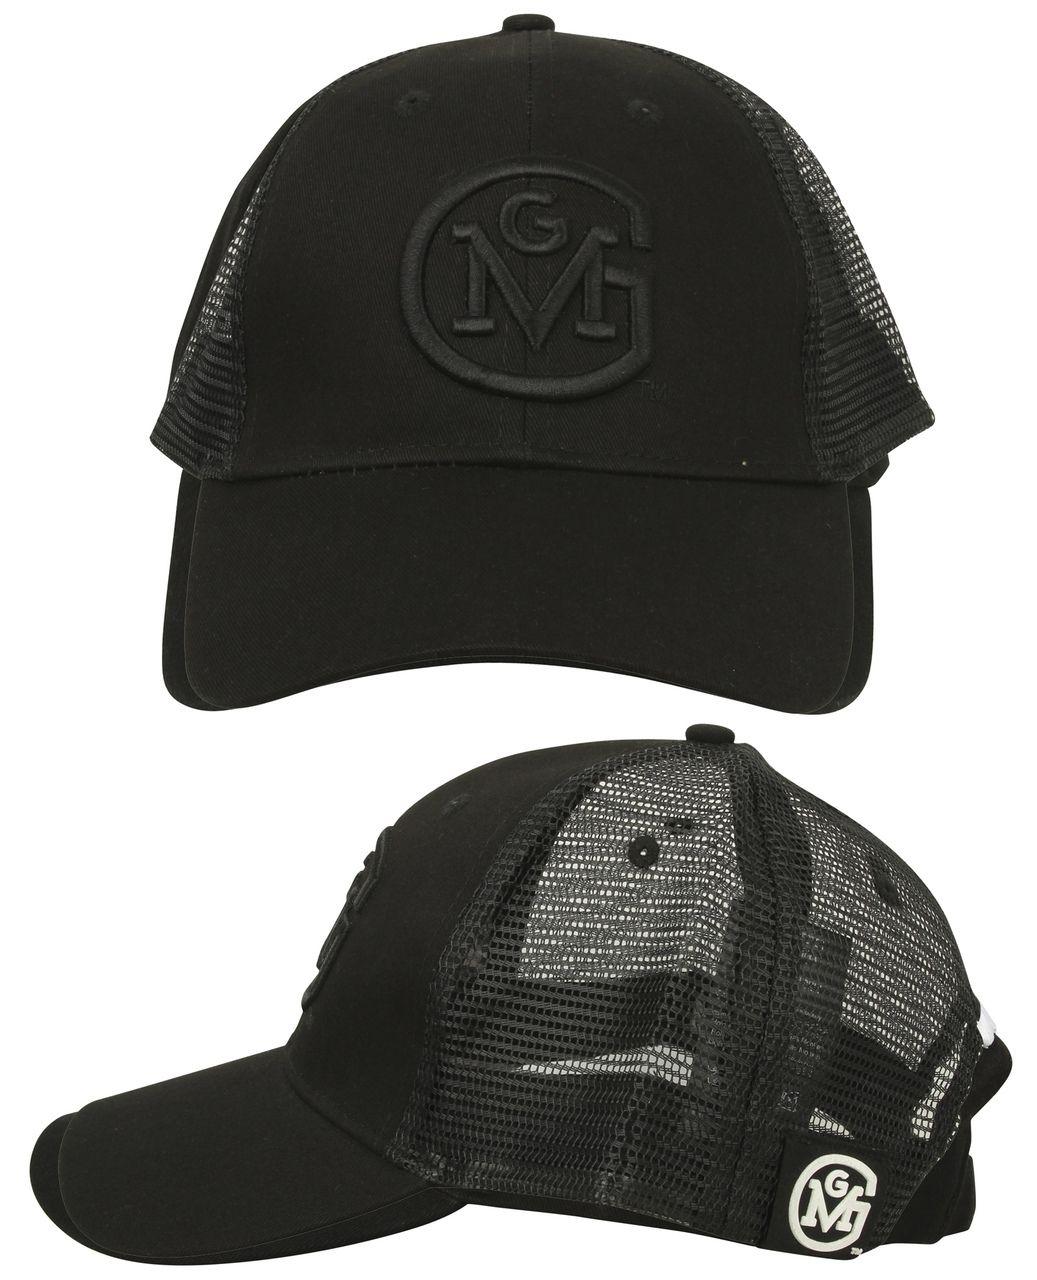 Black on Black OG Logo Gas Monkey Garage Trucker Hat Gas Monkey Garage OG  logo Trucker c75dea562e2